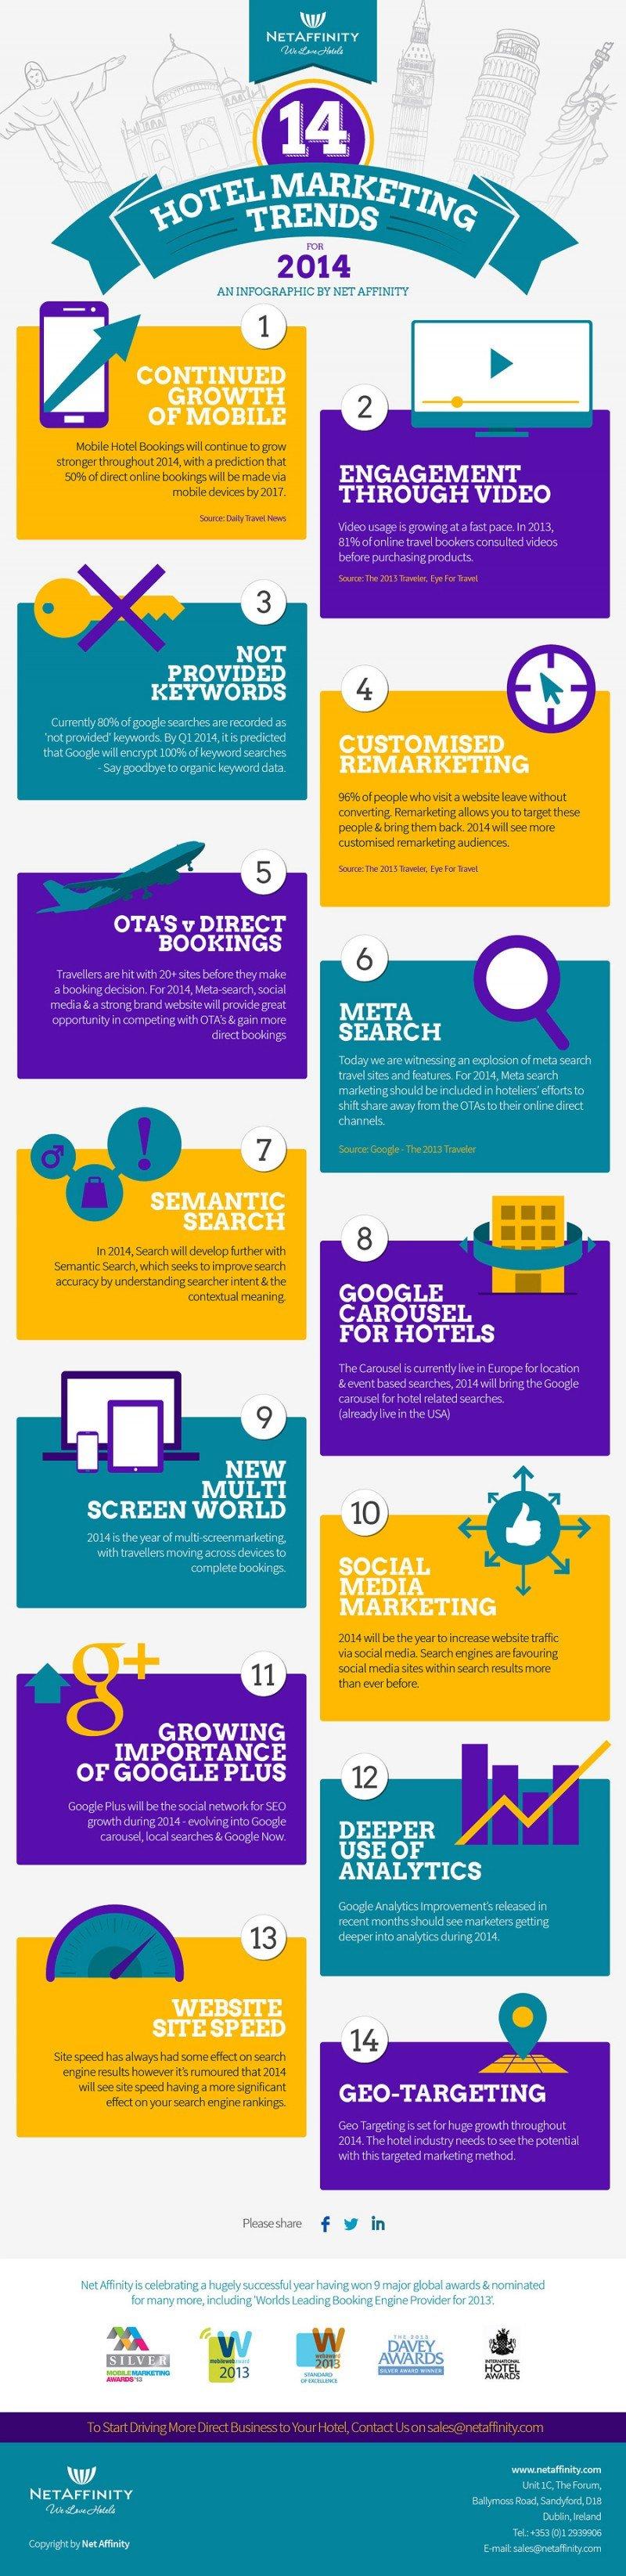 Infografía de Net Affinity sobre las 14 tendencias de marketing hotelero para 2014.